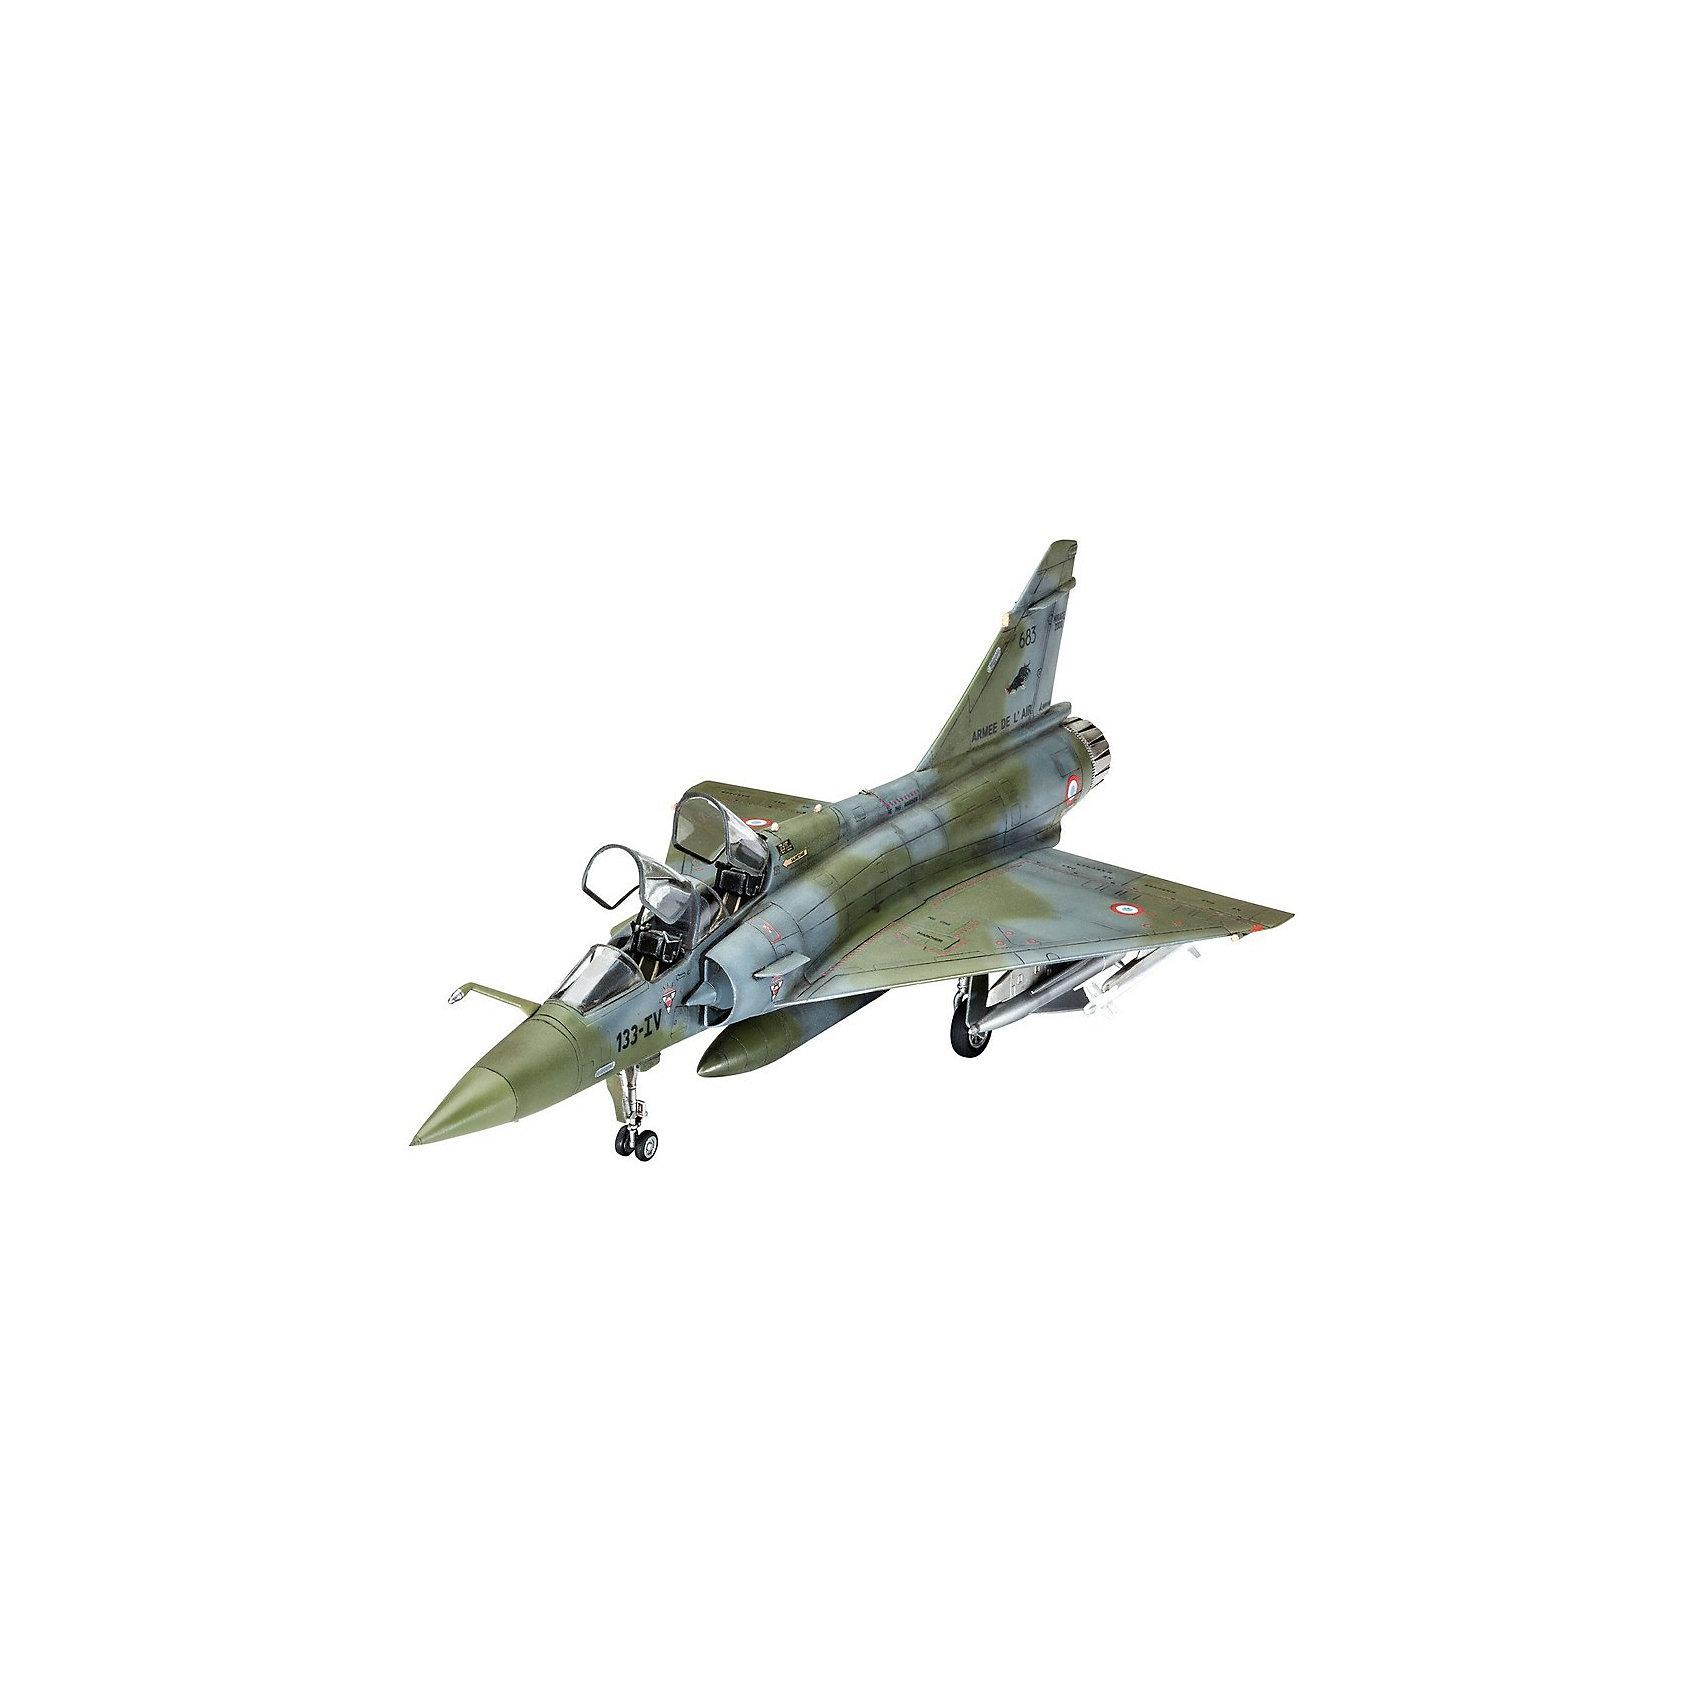 Штурмовик Mirage 2000DМодели для склеивания<br>Сборная модель французского самолета Dassault MIRAGE 2000D.  <br><br>Модель собирается из 74 пластиковых элементов. Они склеиваются между собой и затем окрашиваются. Мы рекомендуем использовать клей для пластика или акриловые или эмалевые краски от Ревелл. Они в набор не входят и покупаются отдельно. <br><br>Масштаб 1:72. <br>Длина модели 20,7 сантиметра. Размах крыльев 12,3 см. <br><br>В комплекте со сборной моделью идет декаль для окраски следующих самолетов: <br>- Dassault Mirage 2000D, 683, 133-IV, EC 01, 003 Navarre, 62nd Esc., French Air Force, Nancy AB, 2014 <br>- Dassault Mirage 2000D, 602, 3-XJ, EC 03, 003 Ardennes, 2nd Esc., French Air Force, Nancy AB, 2014<br><br>Ширина мм: 9999<br>Глубина мм: 9999<br>Высота мм: 9999<br>Вес г: 9999<br>Возраст от месяцев: 120<br>Возраст до месяцев: 2147483647<br>Пол: Мужской<br>Возраст: Детский<br>SKU: 7122342